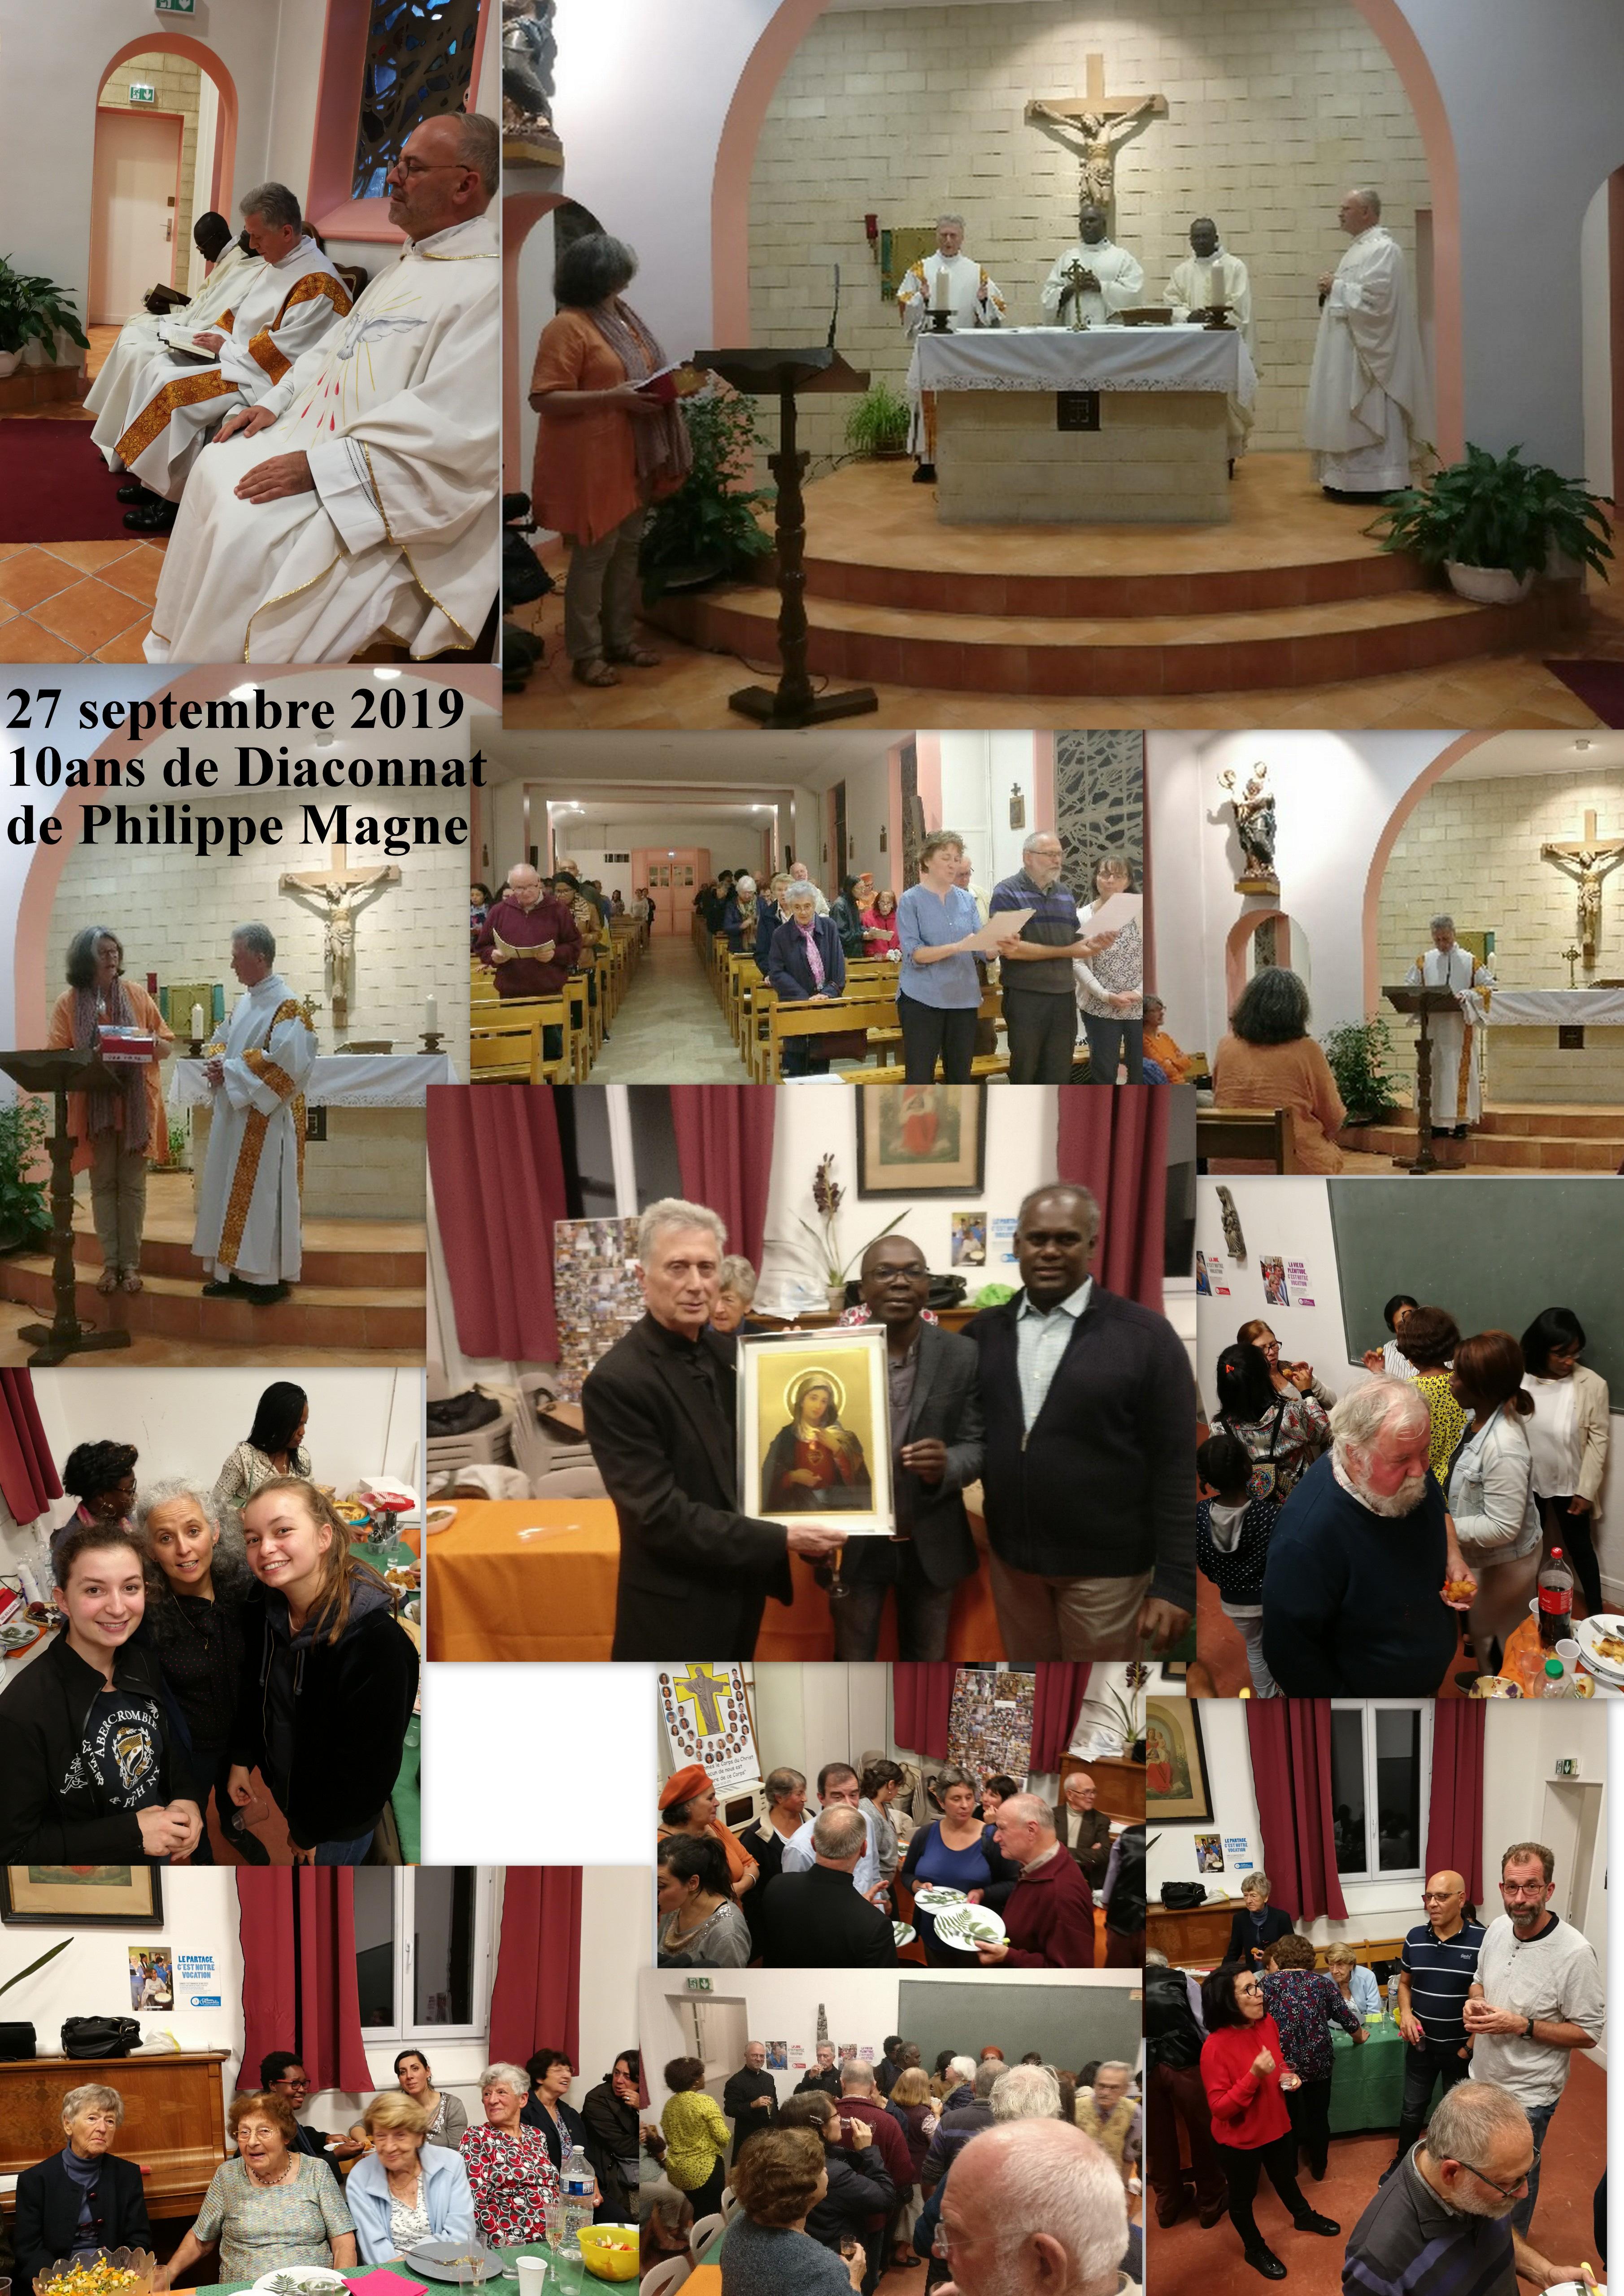 2019-09-27 10ans de diaconnat de Philippe Magne